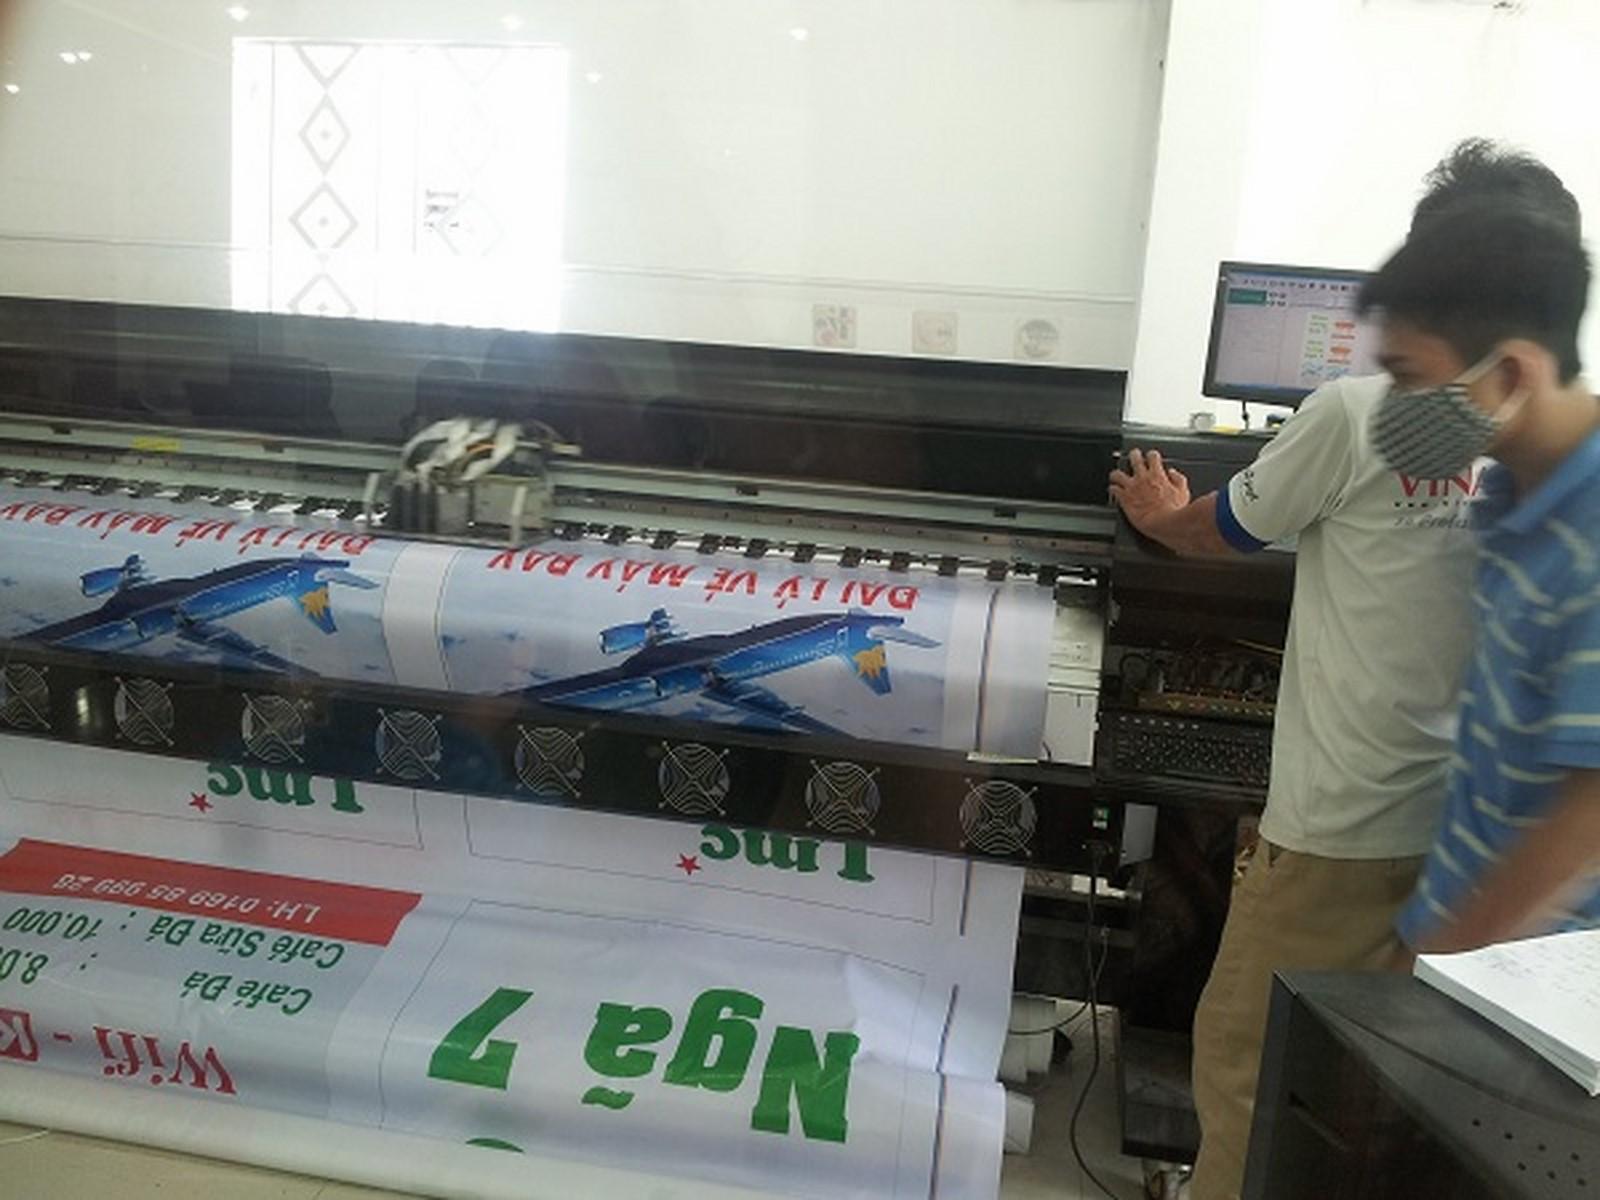 Bạt hiflex làm phông nền quảng cáo đang được in nhanh với máy in hiflex khổ lớn 3m2, mực dầu cho quảng cáo và trang trí ngoài trời